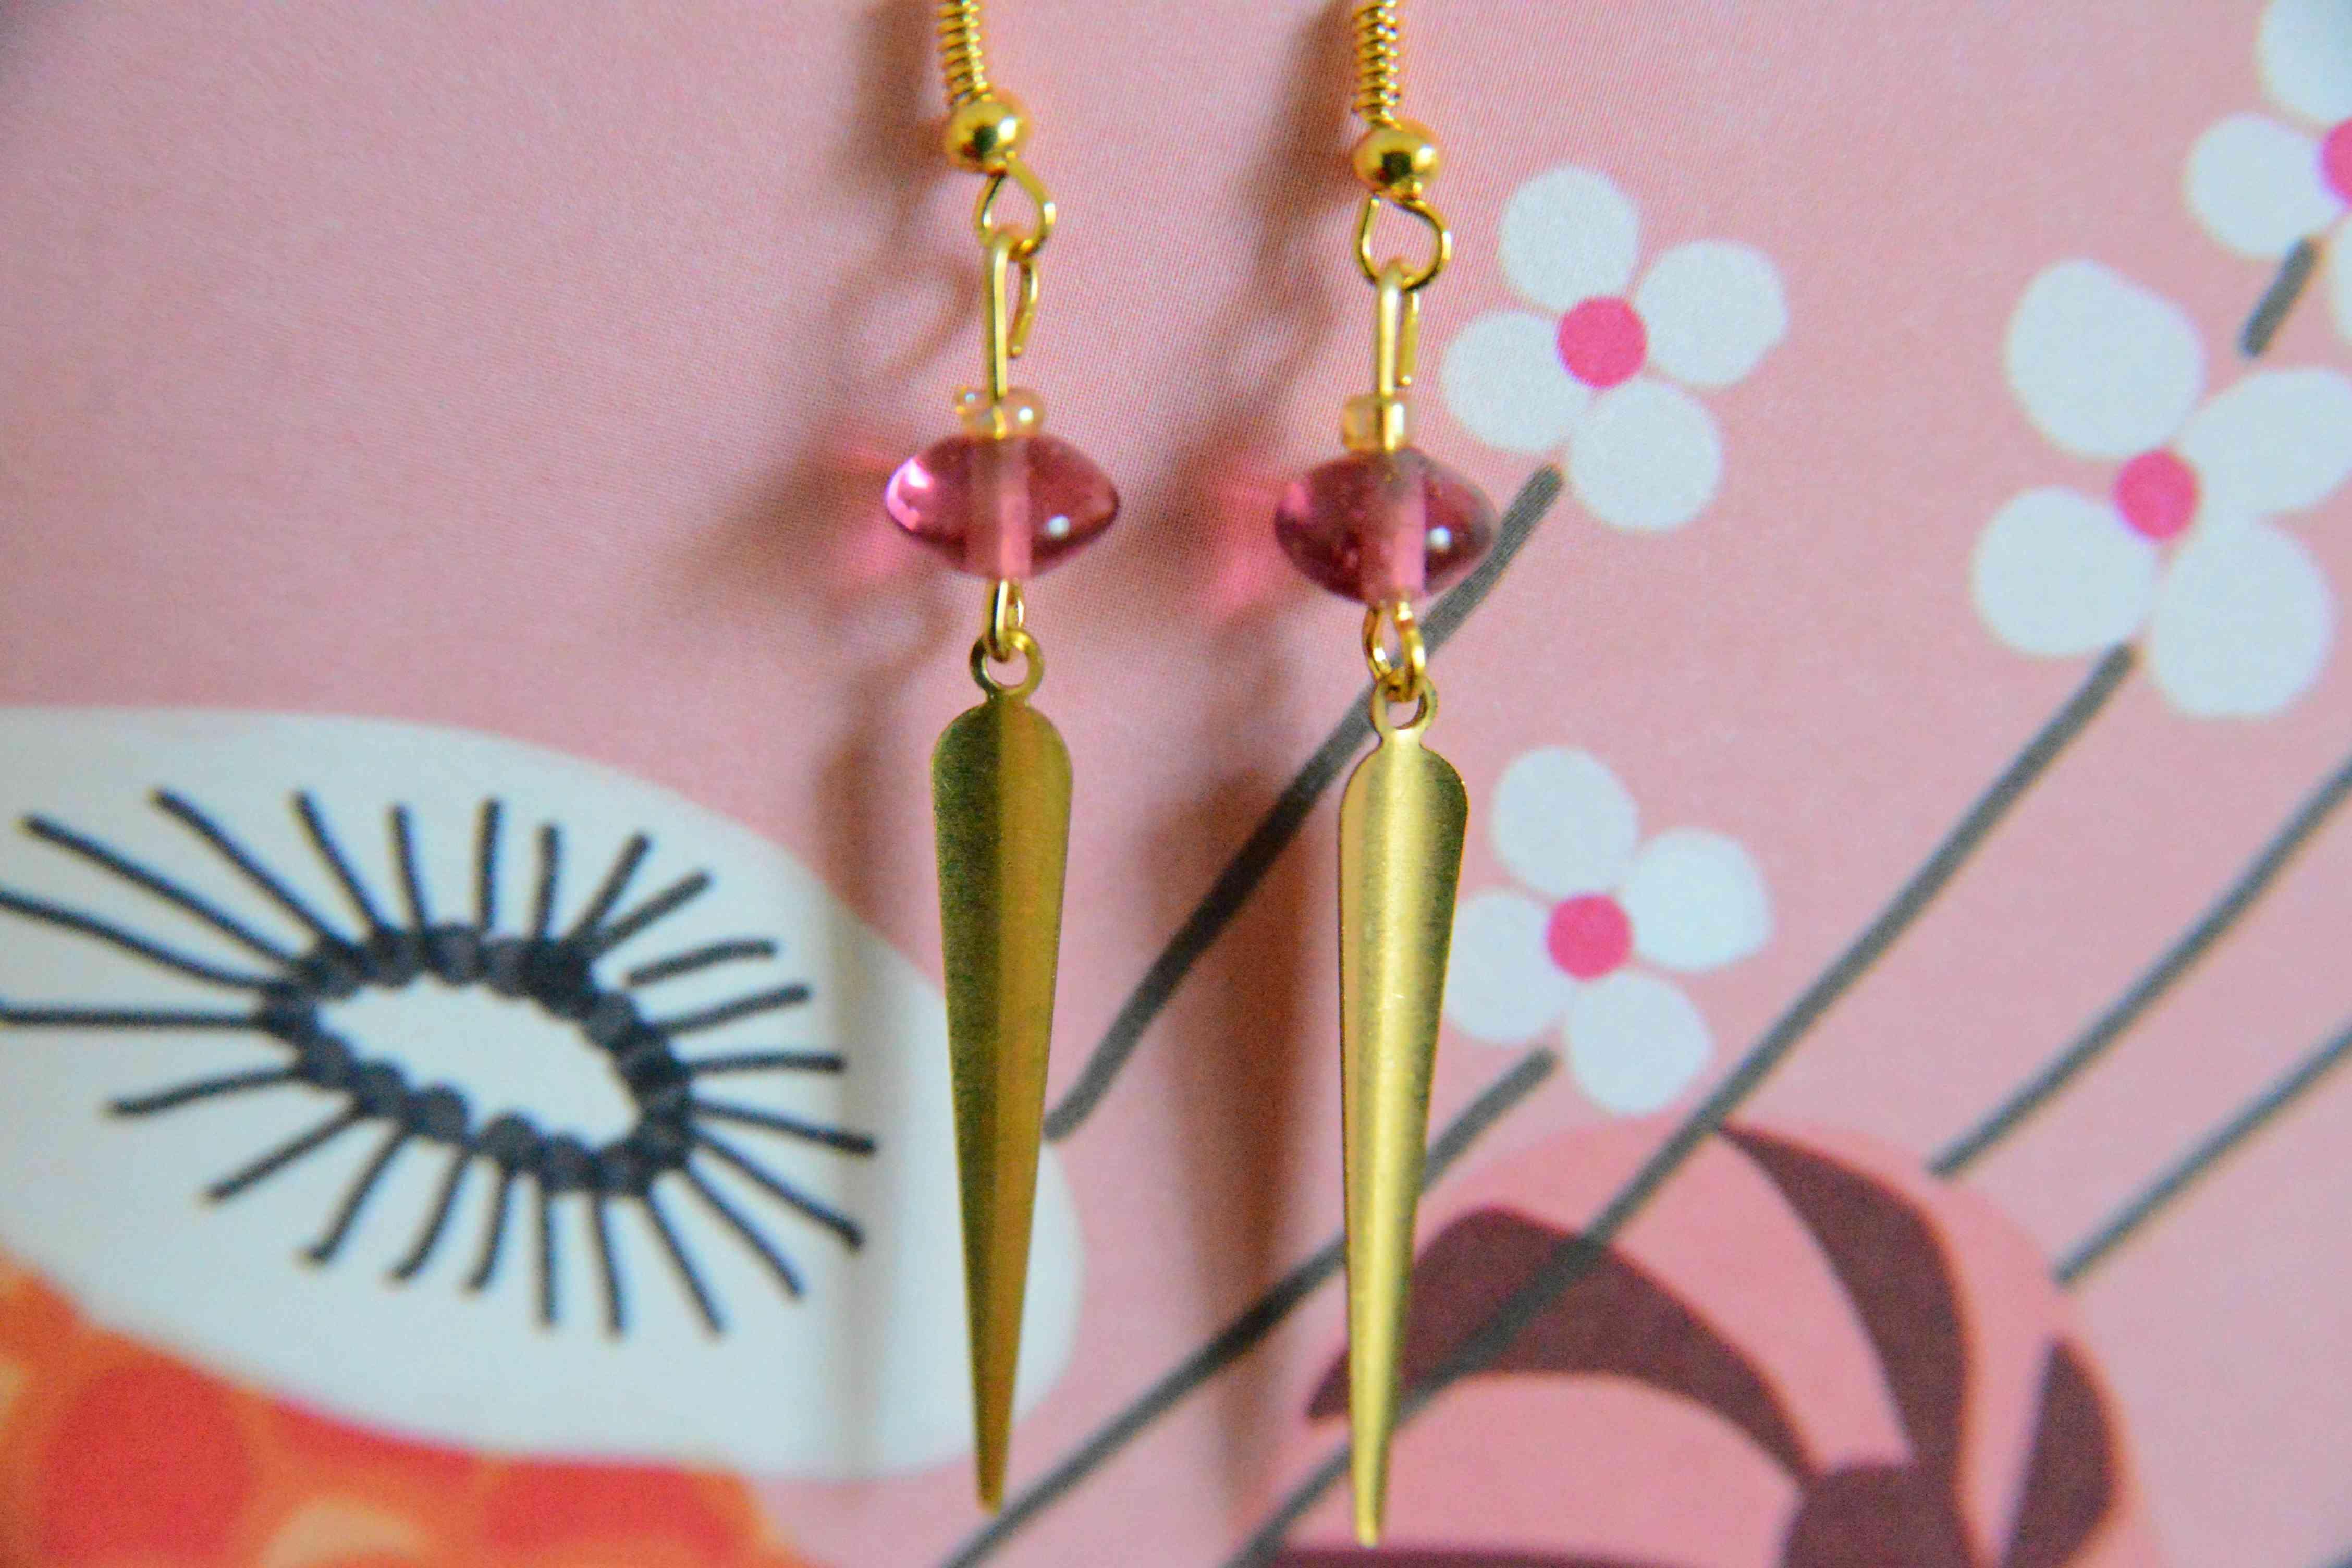 troc de troc boucles d'oreilles  roses et dorées réservées image 1